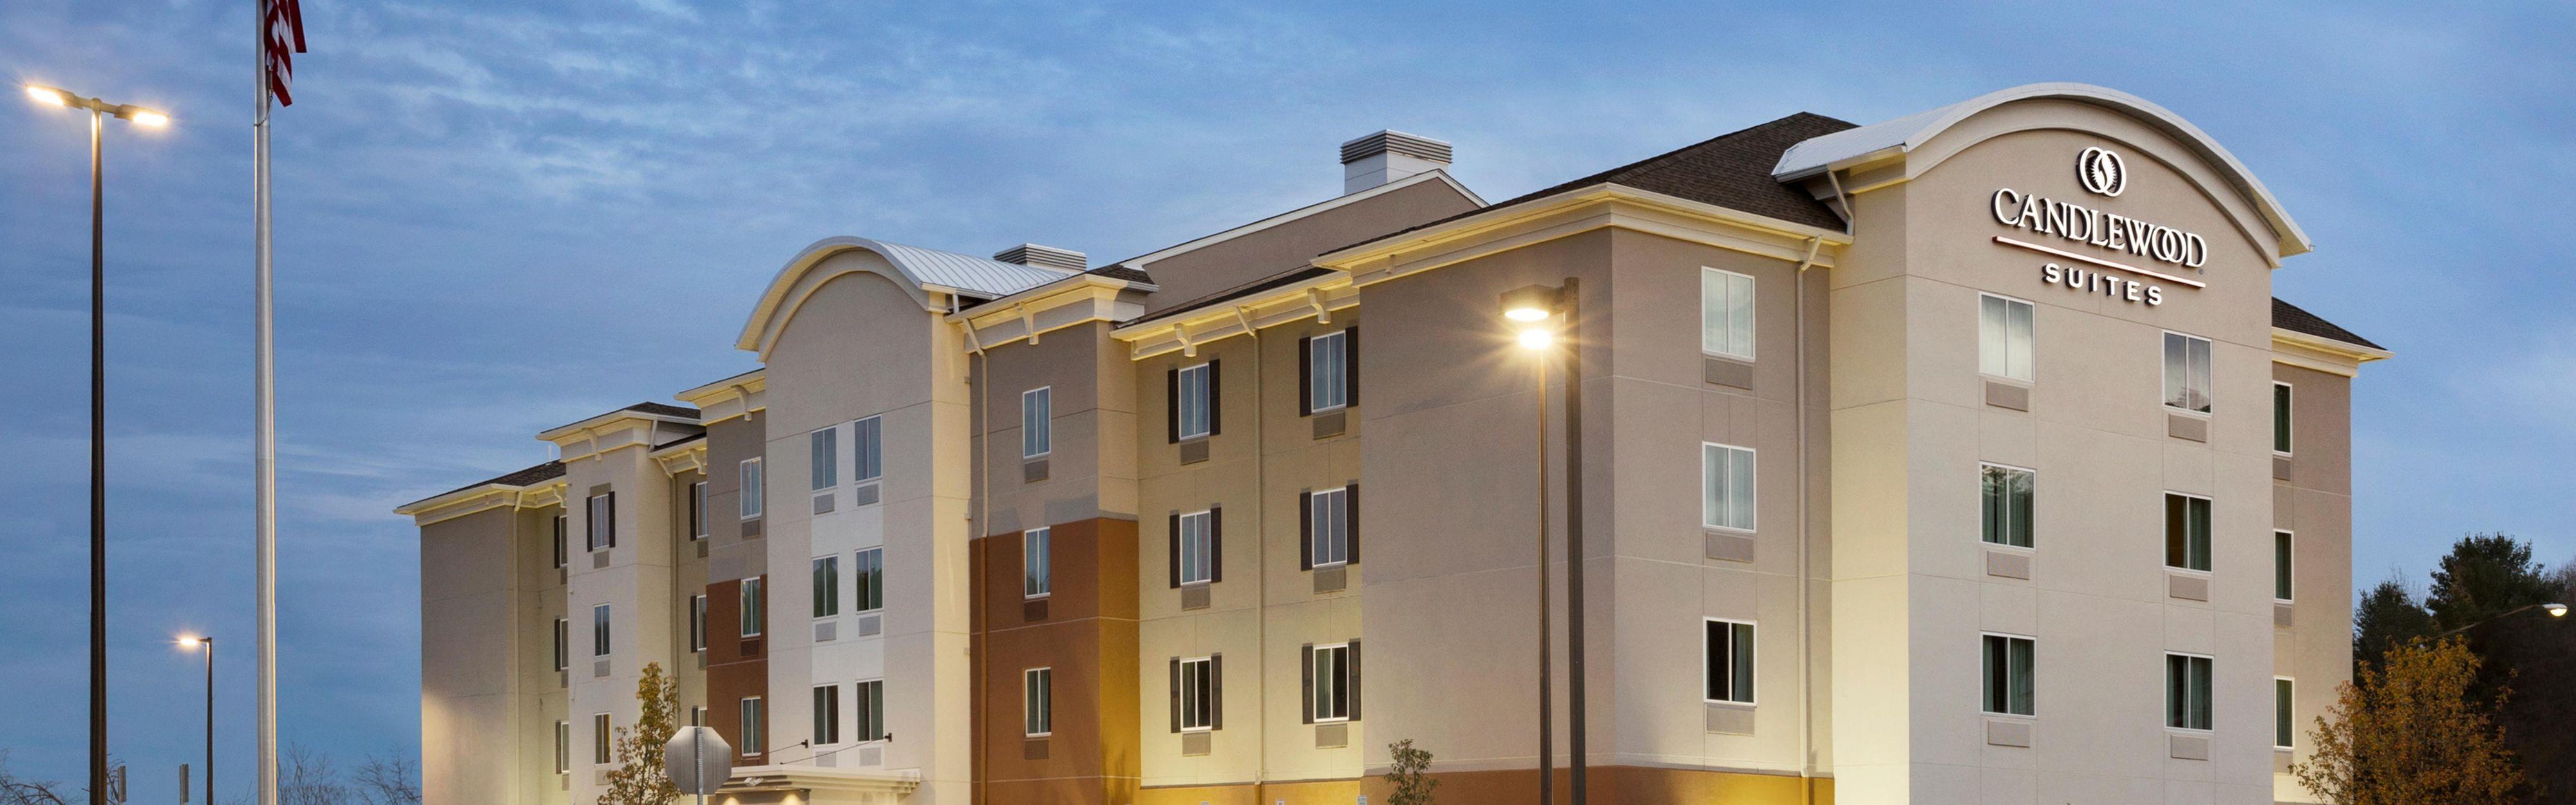 Candlewood Suites Vestal - Binghamton image 0